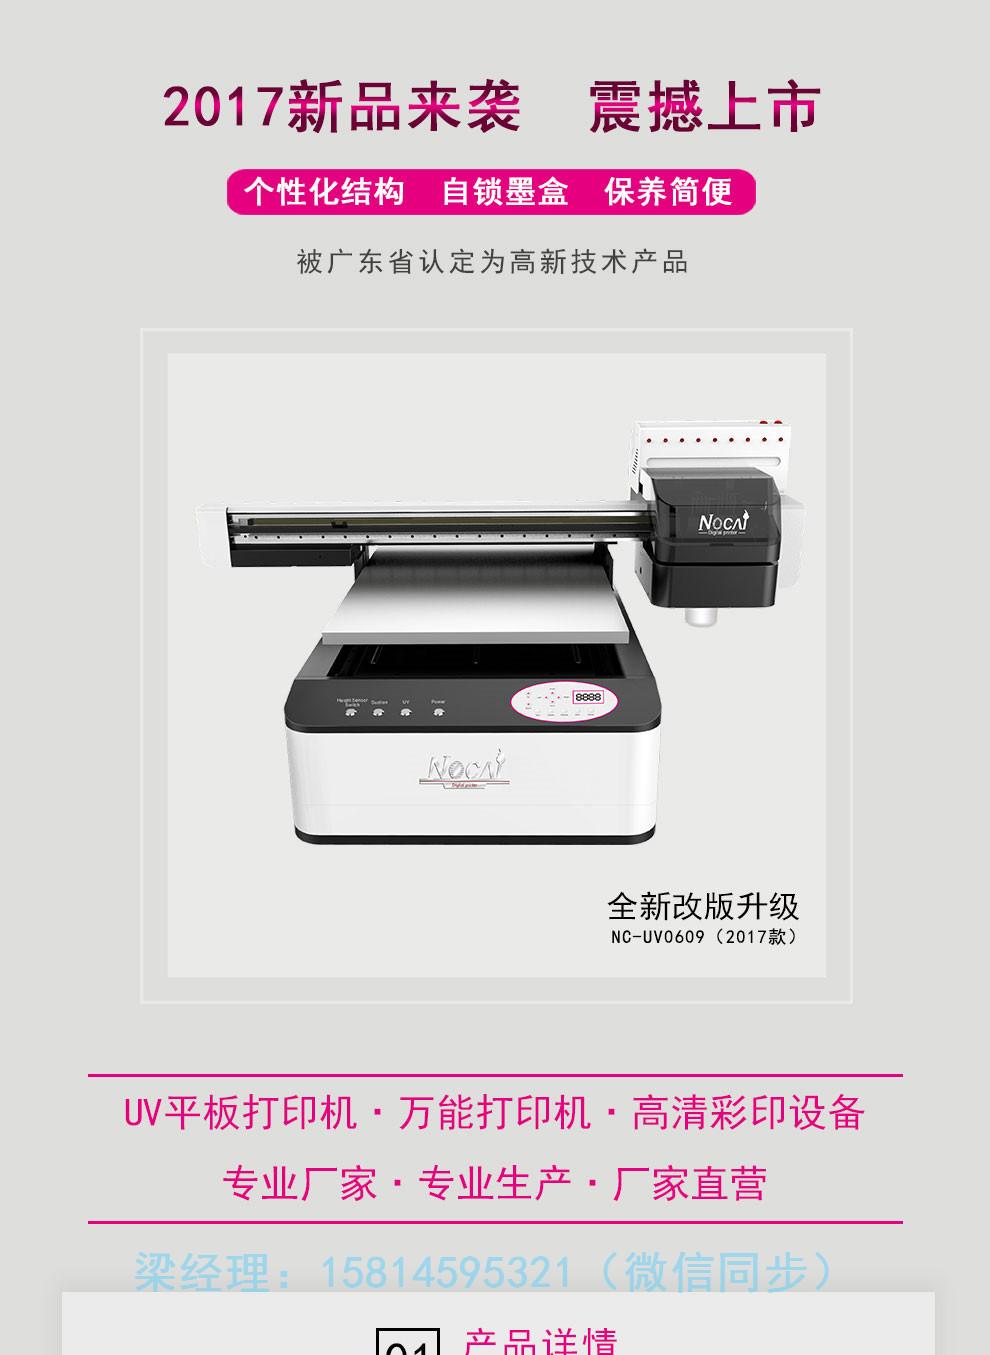 诺彩打印机uv平板打印机改装